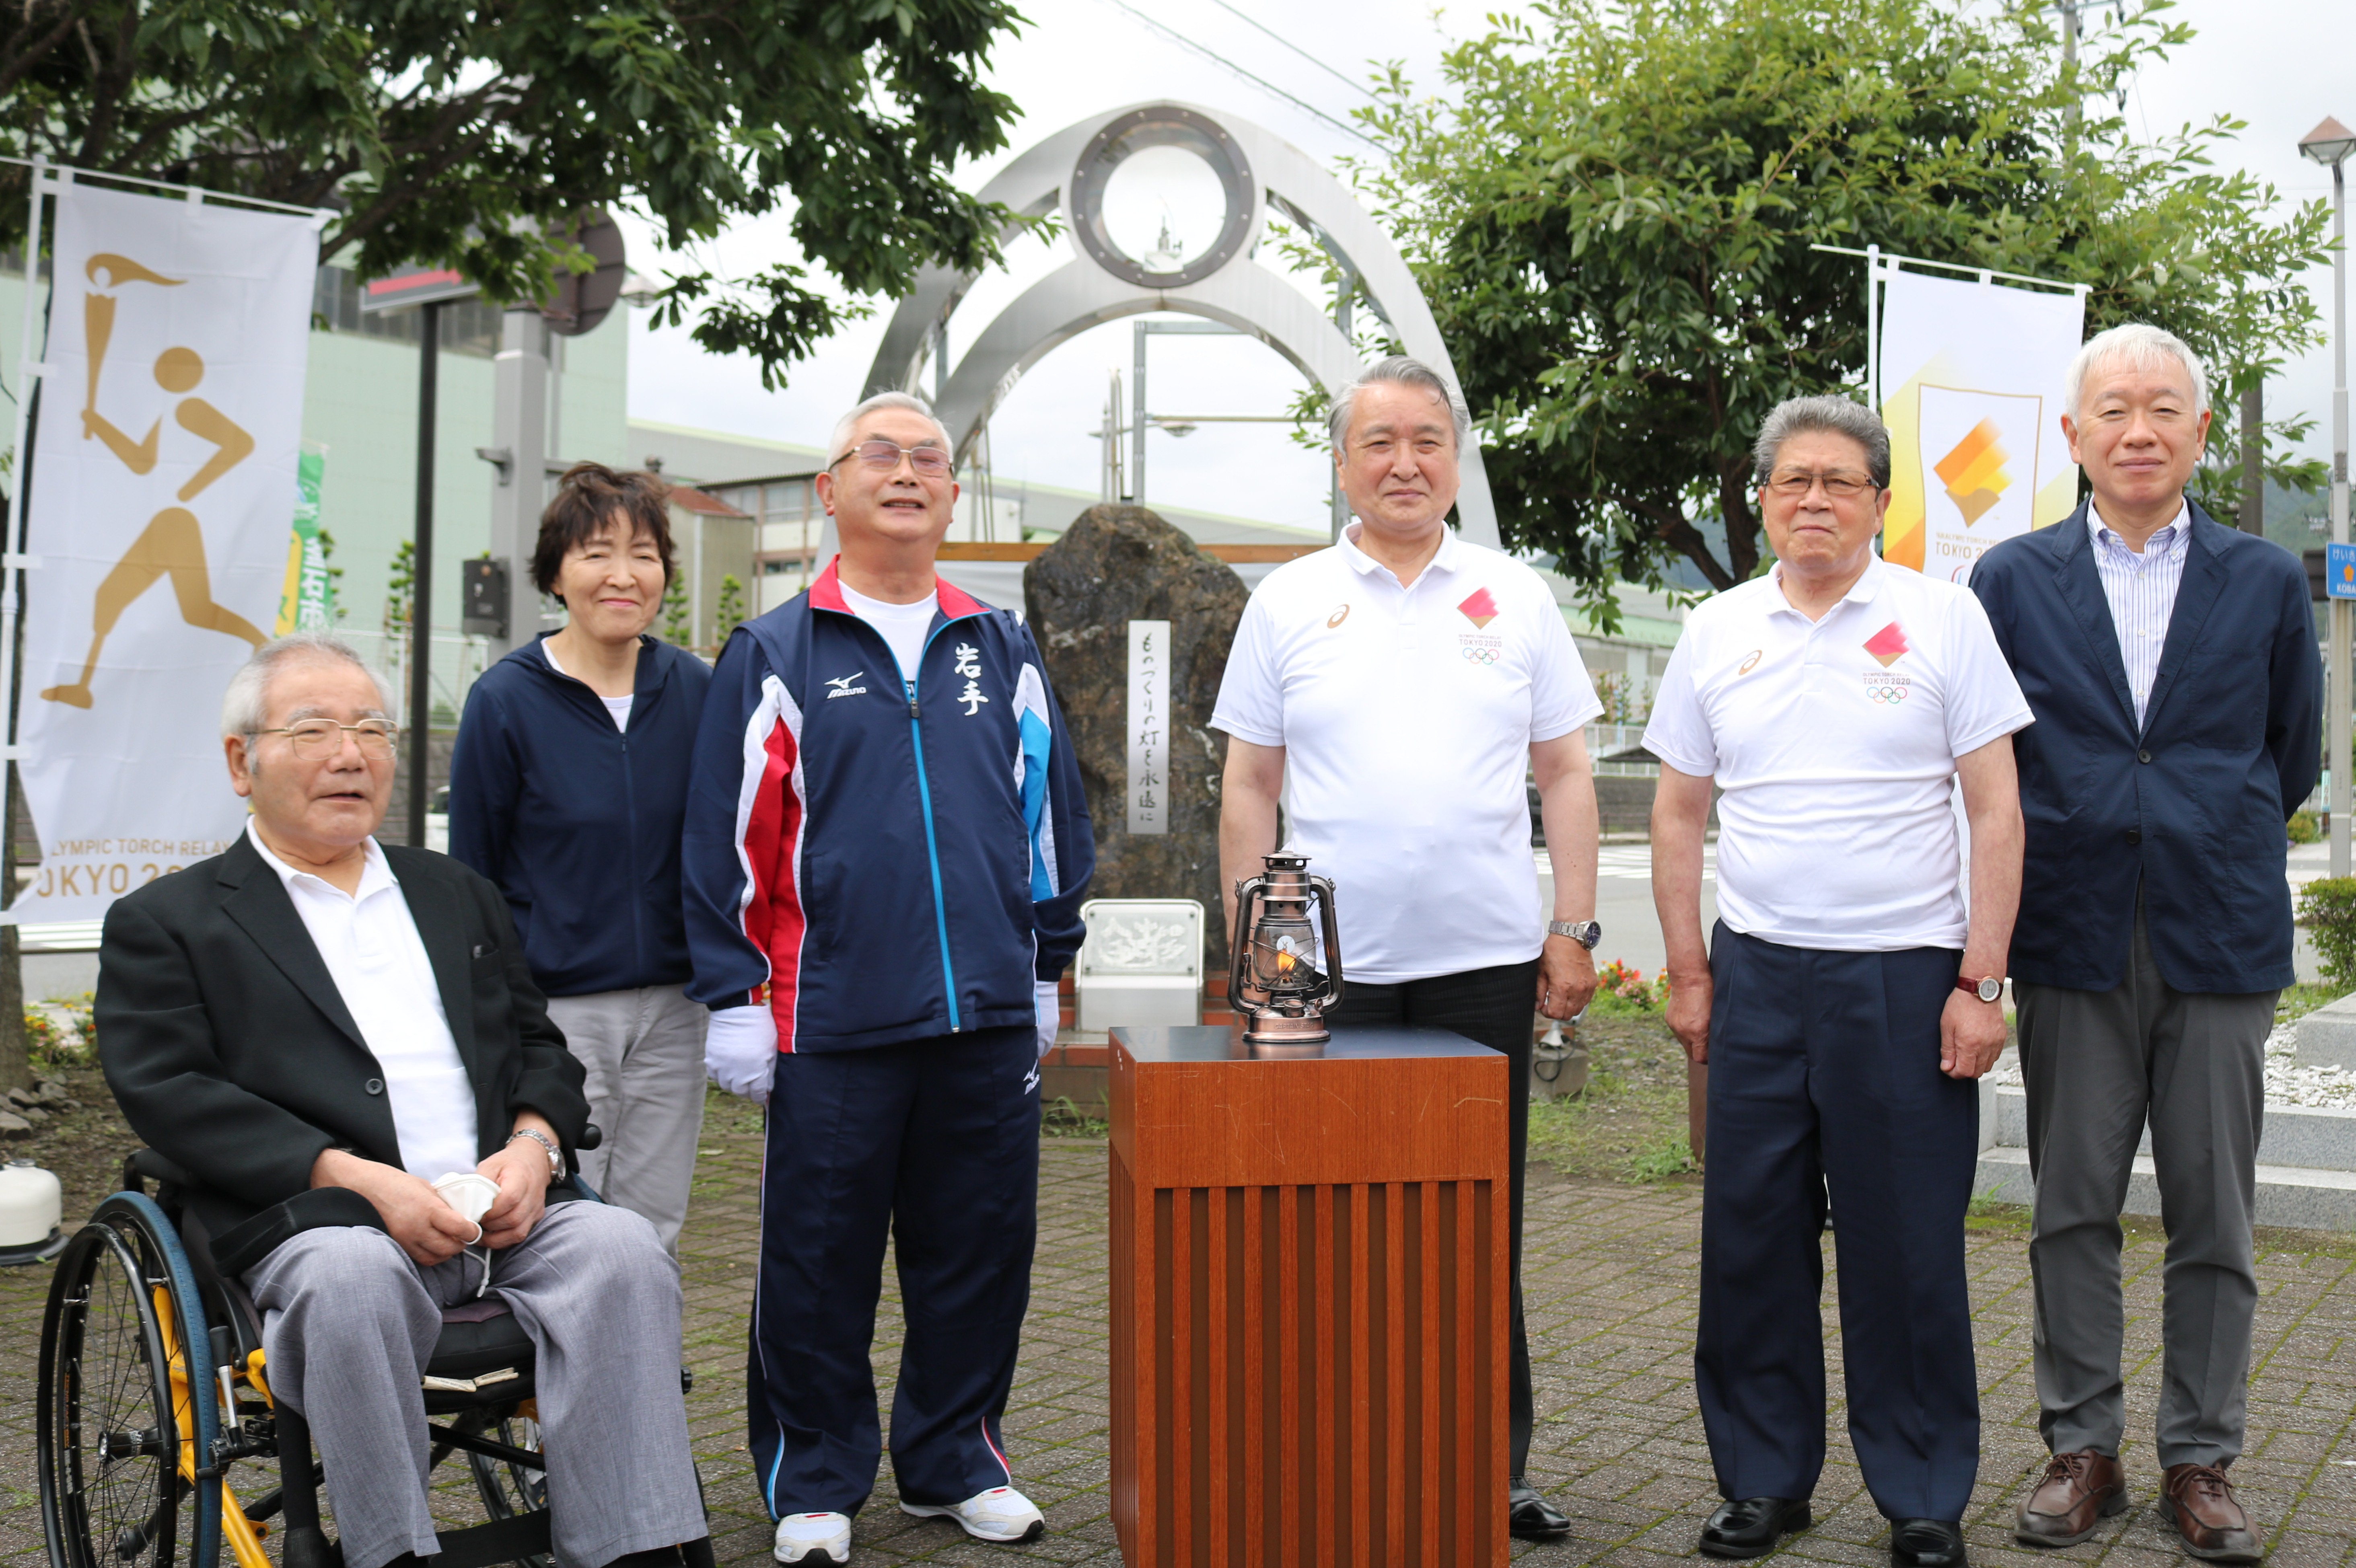 東京パラリンピック24日開幕 釜石の「ものづくりの灯(ひ)」も聖火に